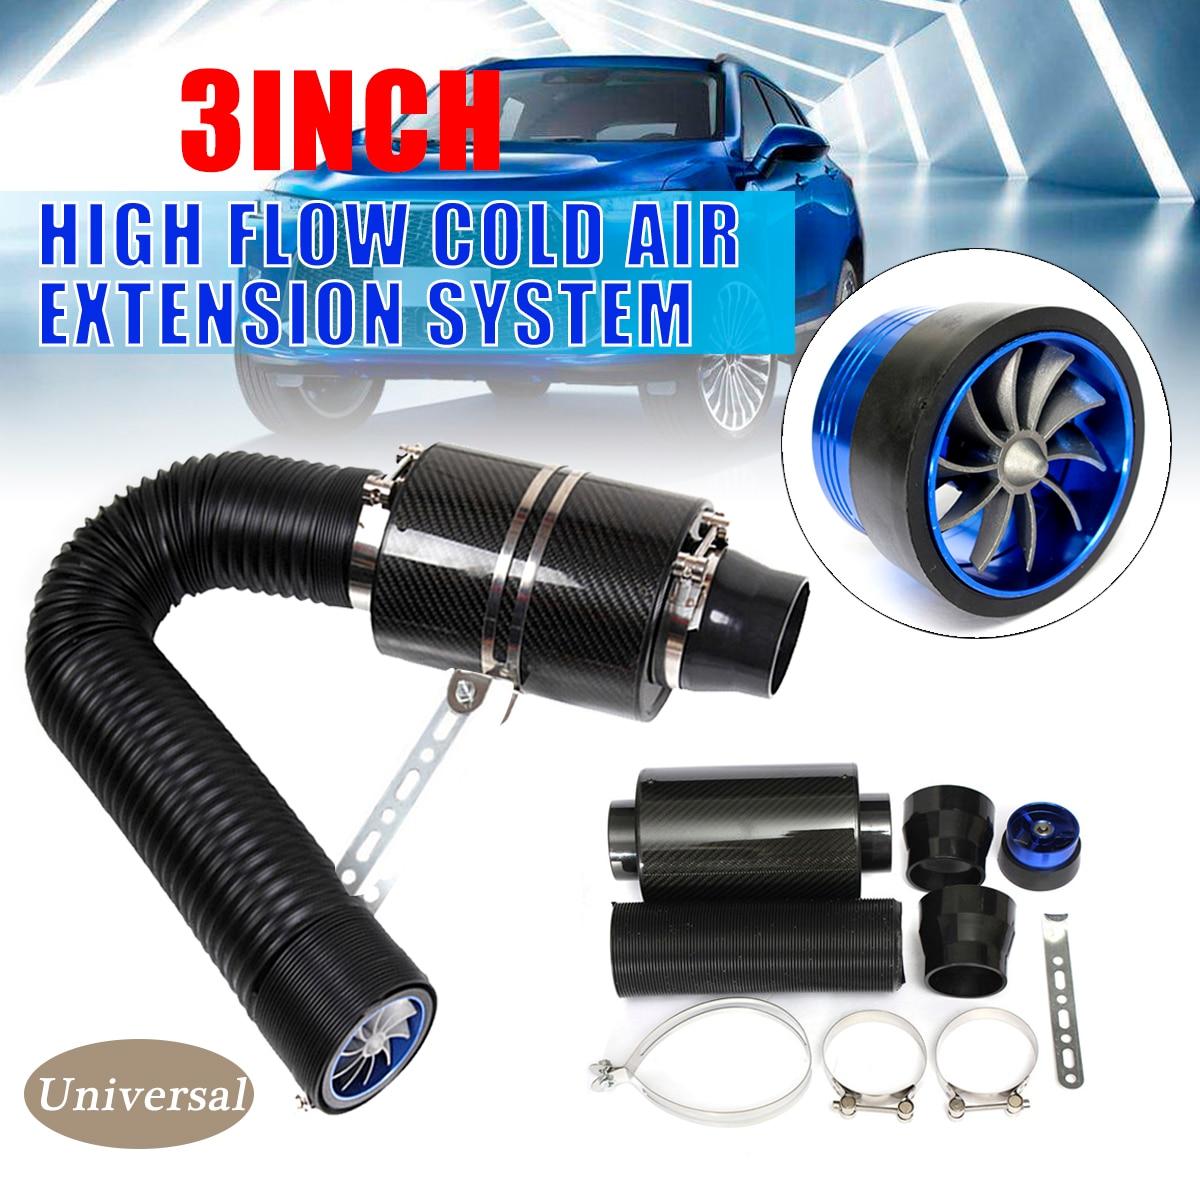 """3 """"evrensel araba soğuk HAVA GİRİŞİ sistemi Fan yarış karbon Fiber soğuk besleme indüksiyon HAVA GİRİŞİ filtre kiti Ram filtre kutusu"""